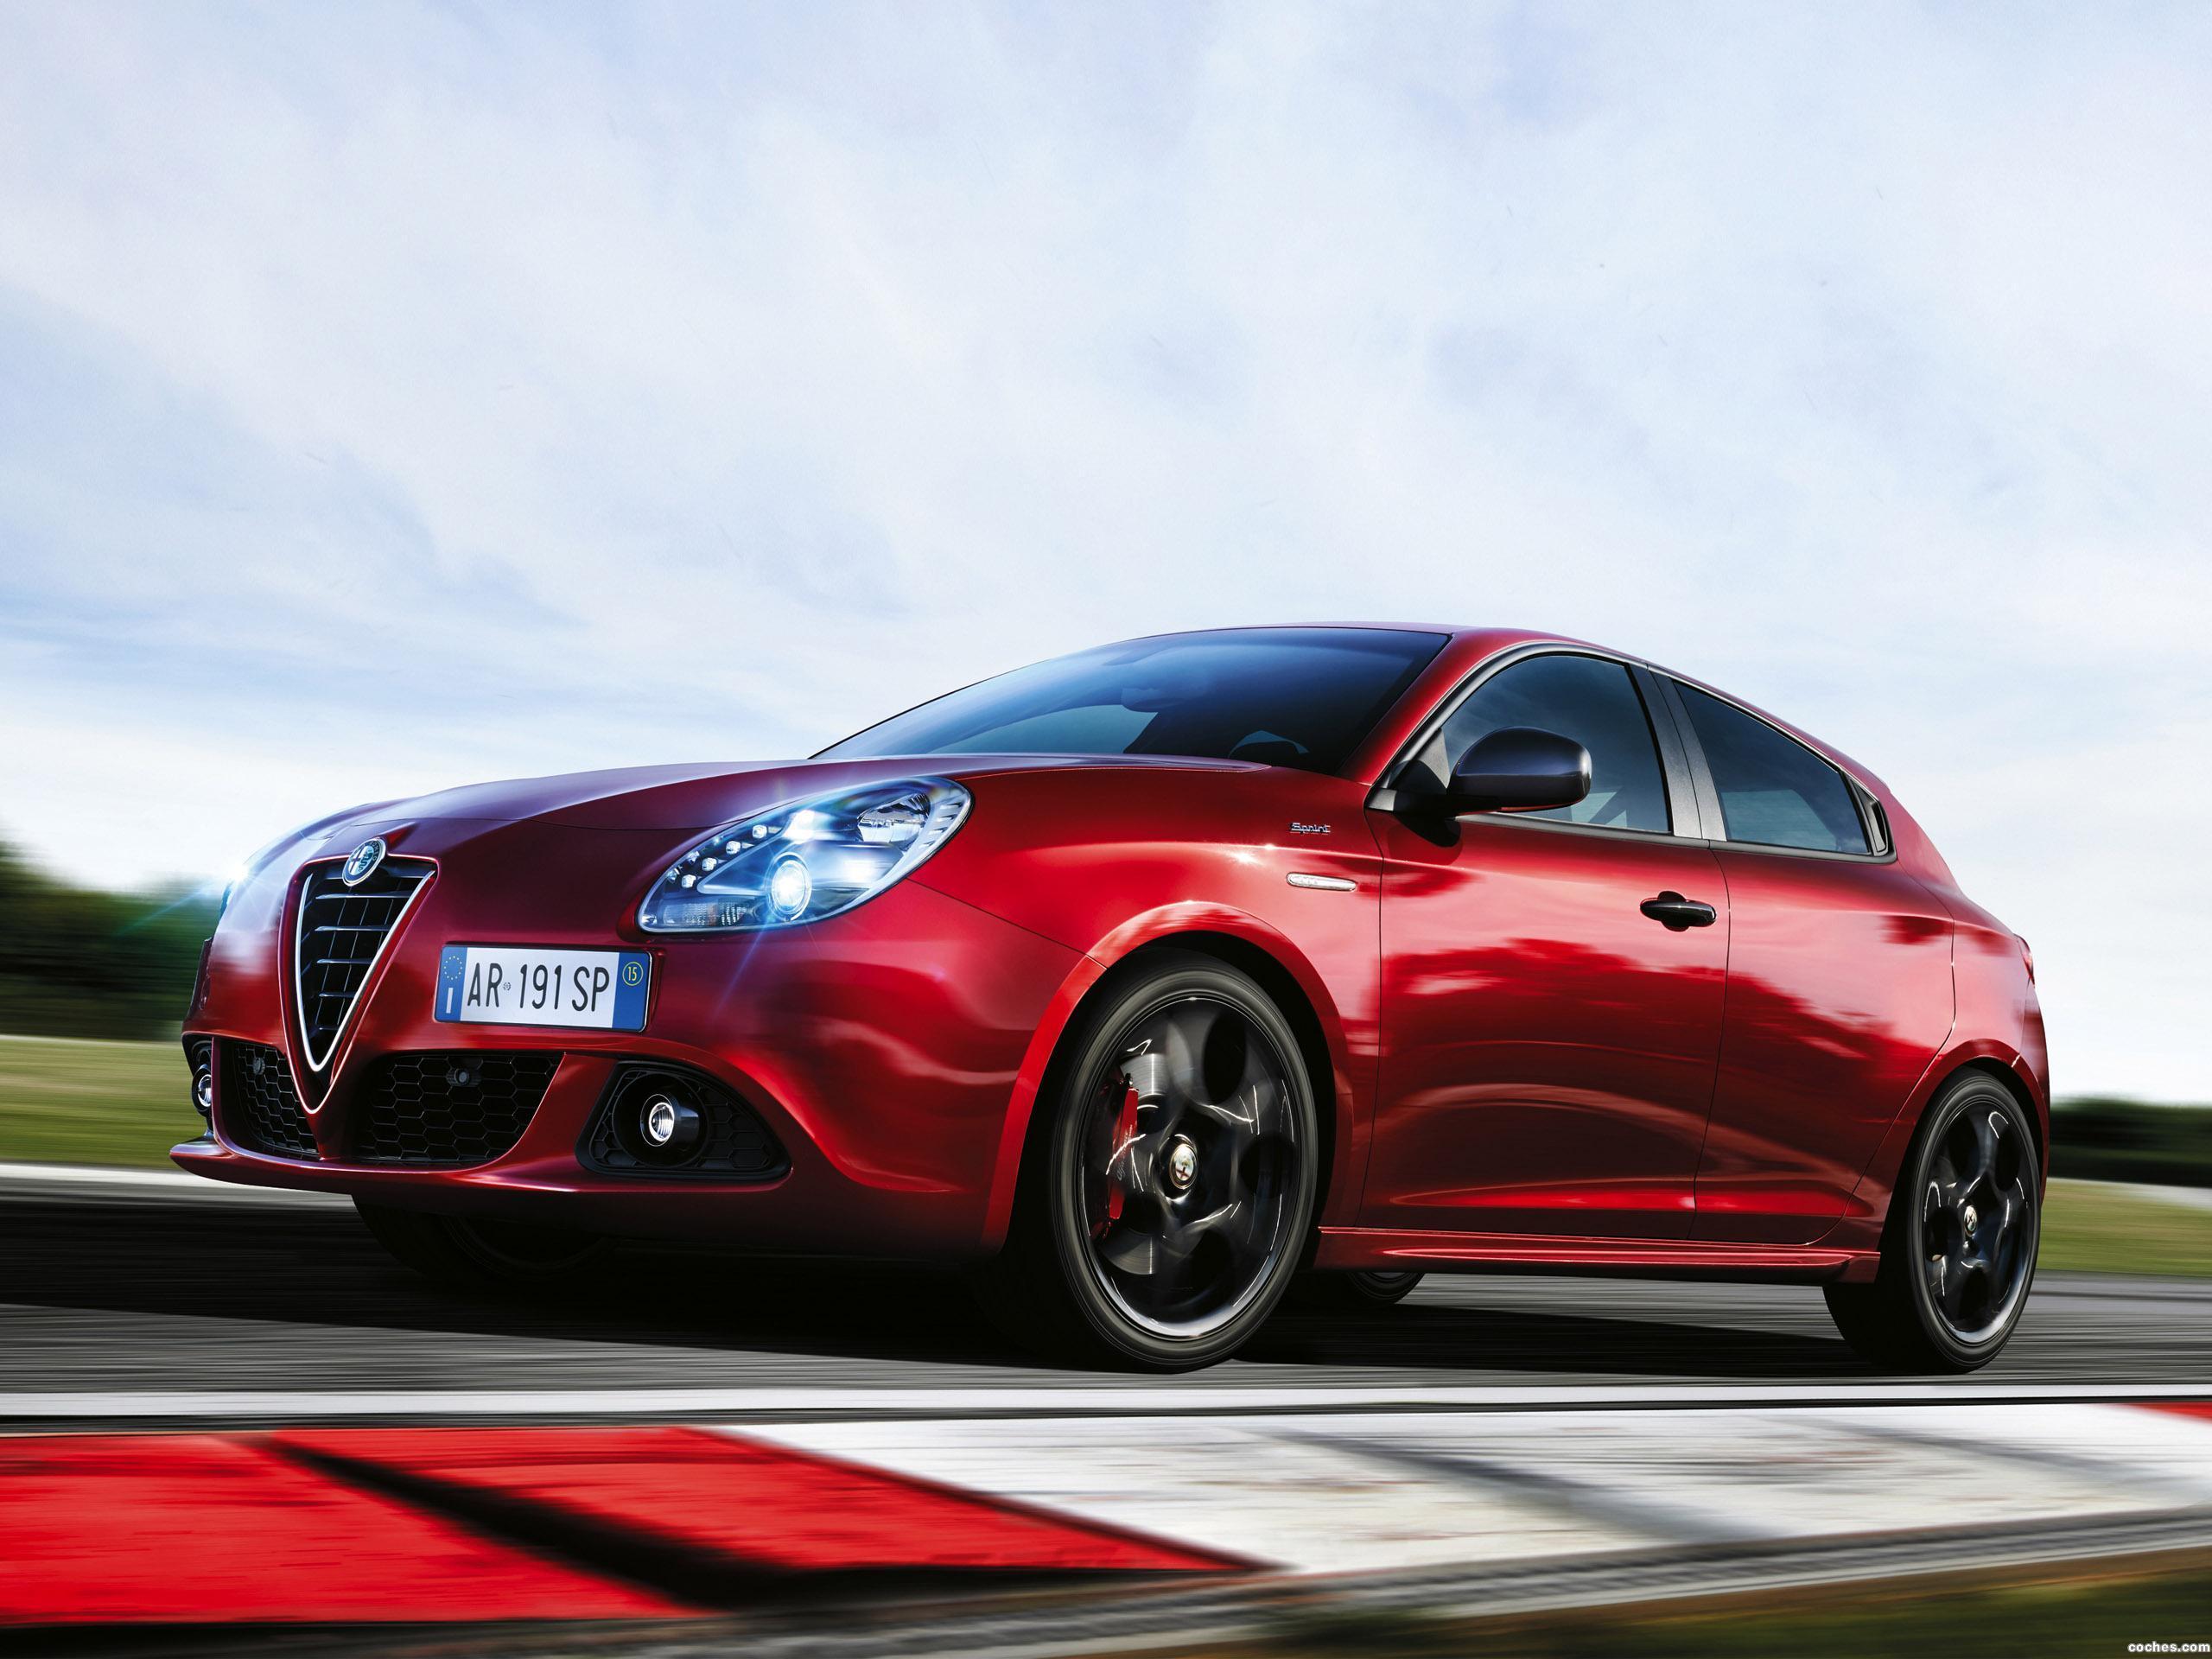 Foto 0 de Alfa Romeo Giulietta Sprint Speciale 2015